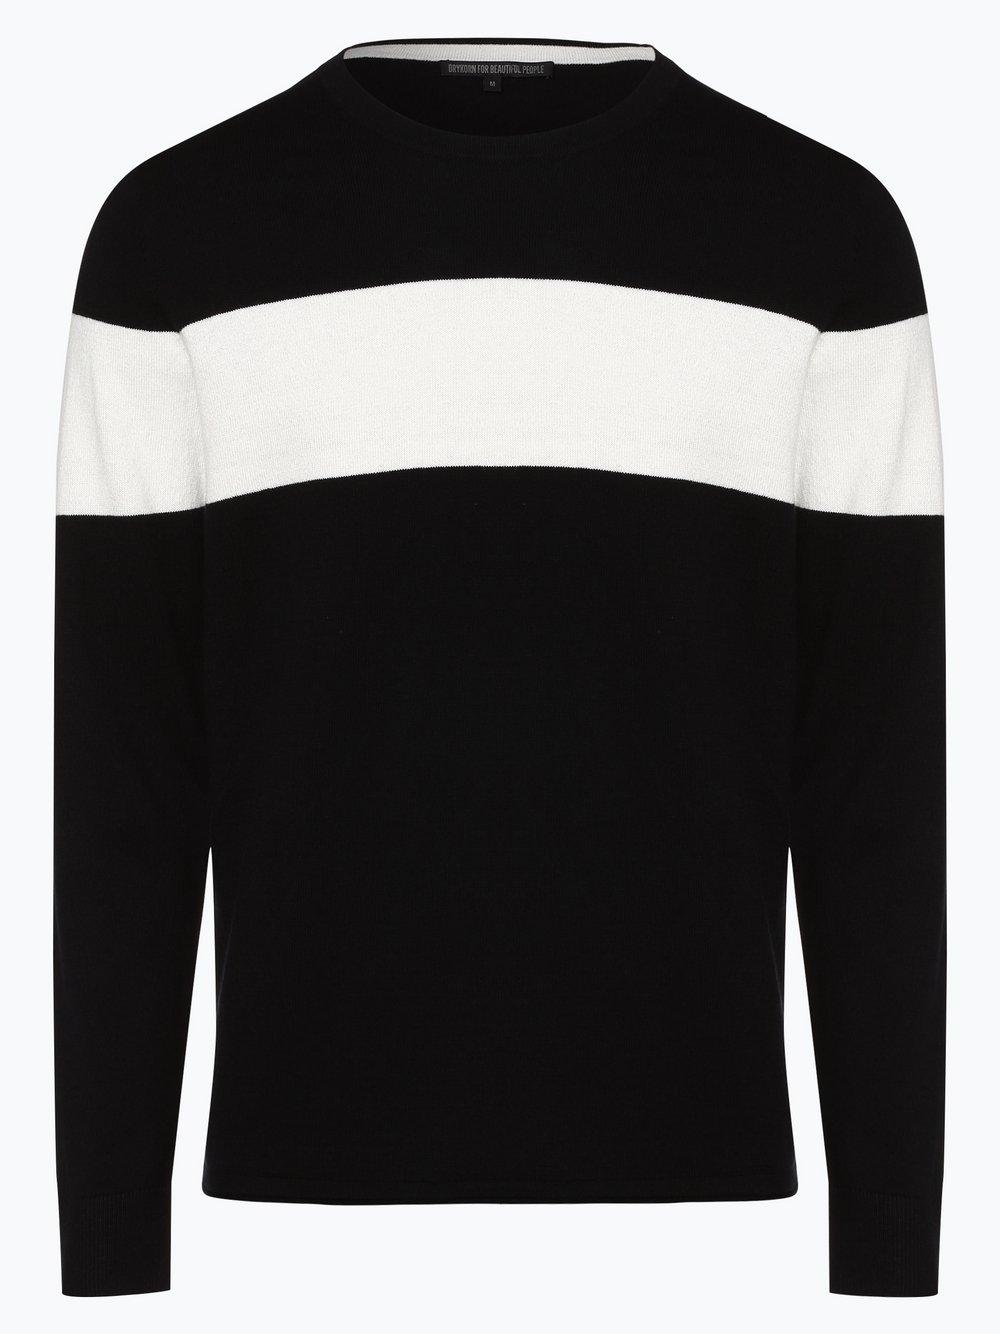 Drykorn - Sweter męski z dodatkiem kaszmiru – Clin, czarny